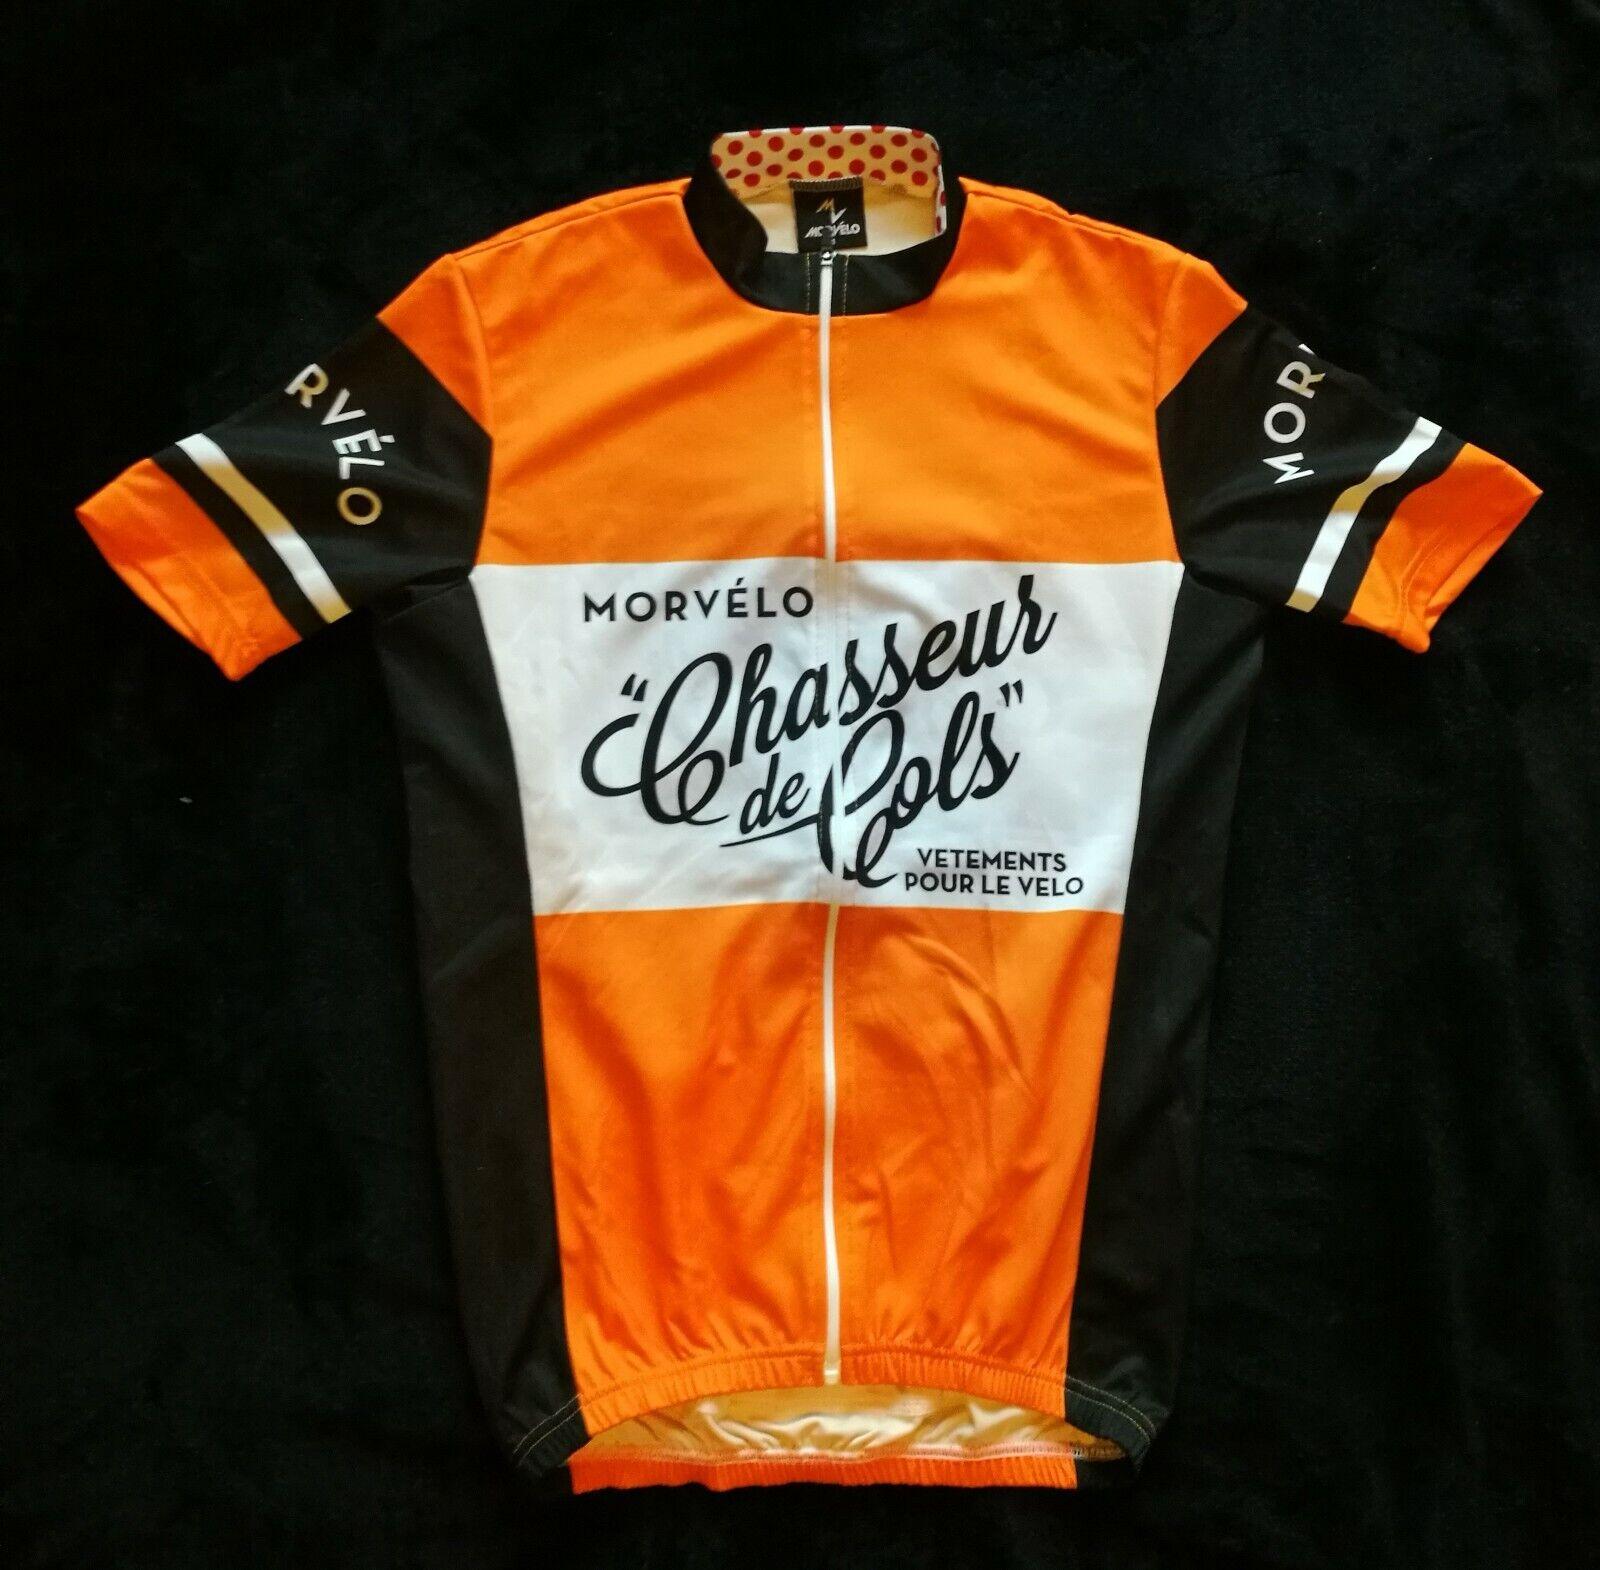 Maglia bici da corsa estiva Morvélo  Chasseurs Chasseurs Chasseurs de Cols Taglis S adf